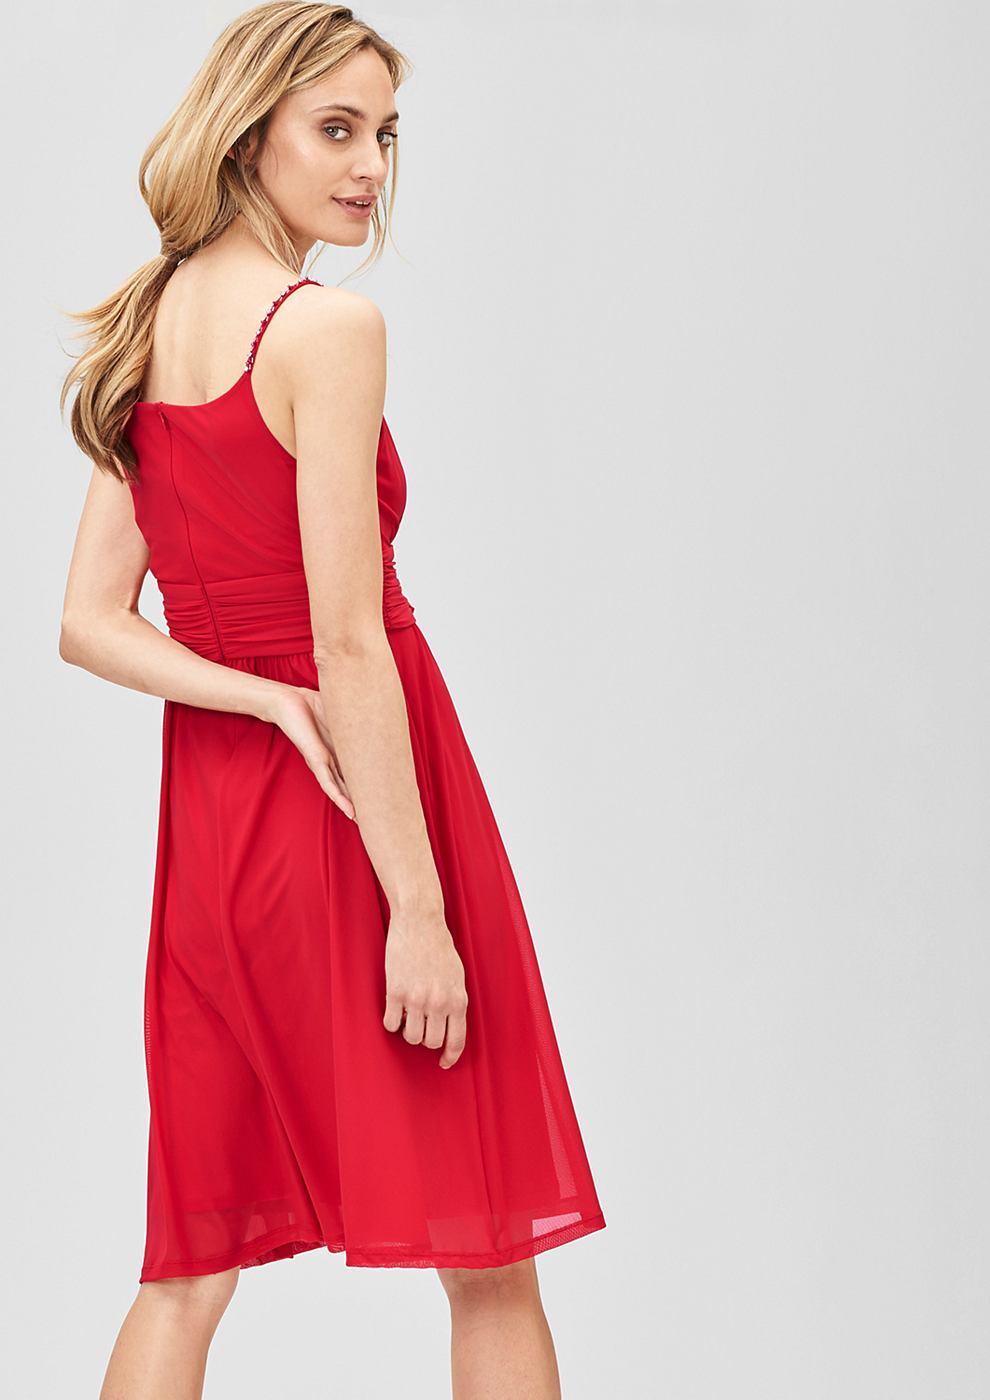 s.Oliver Premium Mesh jurk met stras-schouderbandjes rood